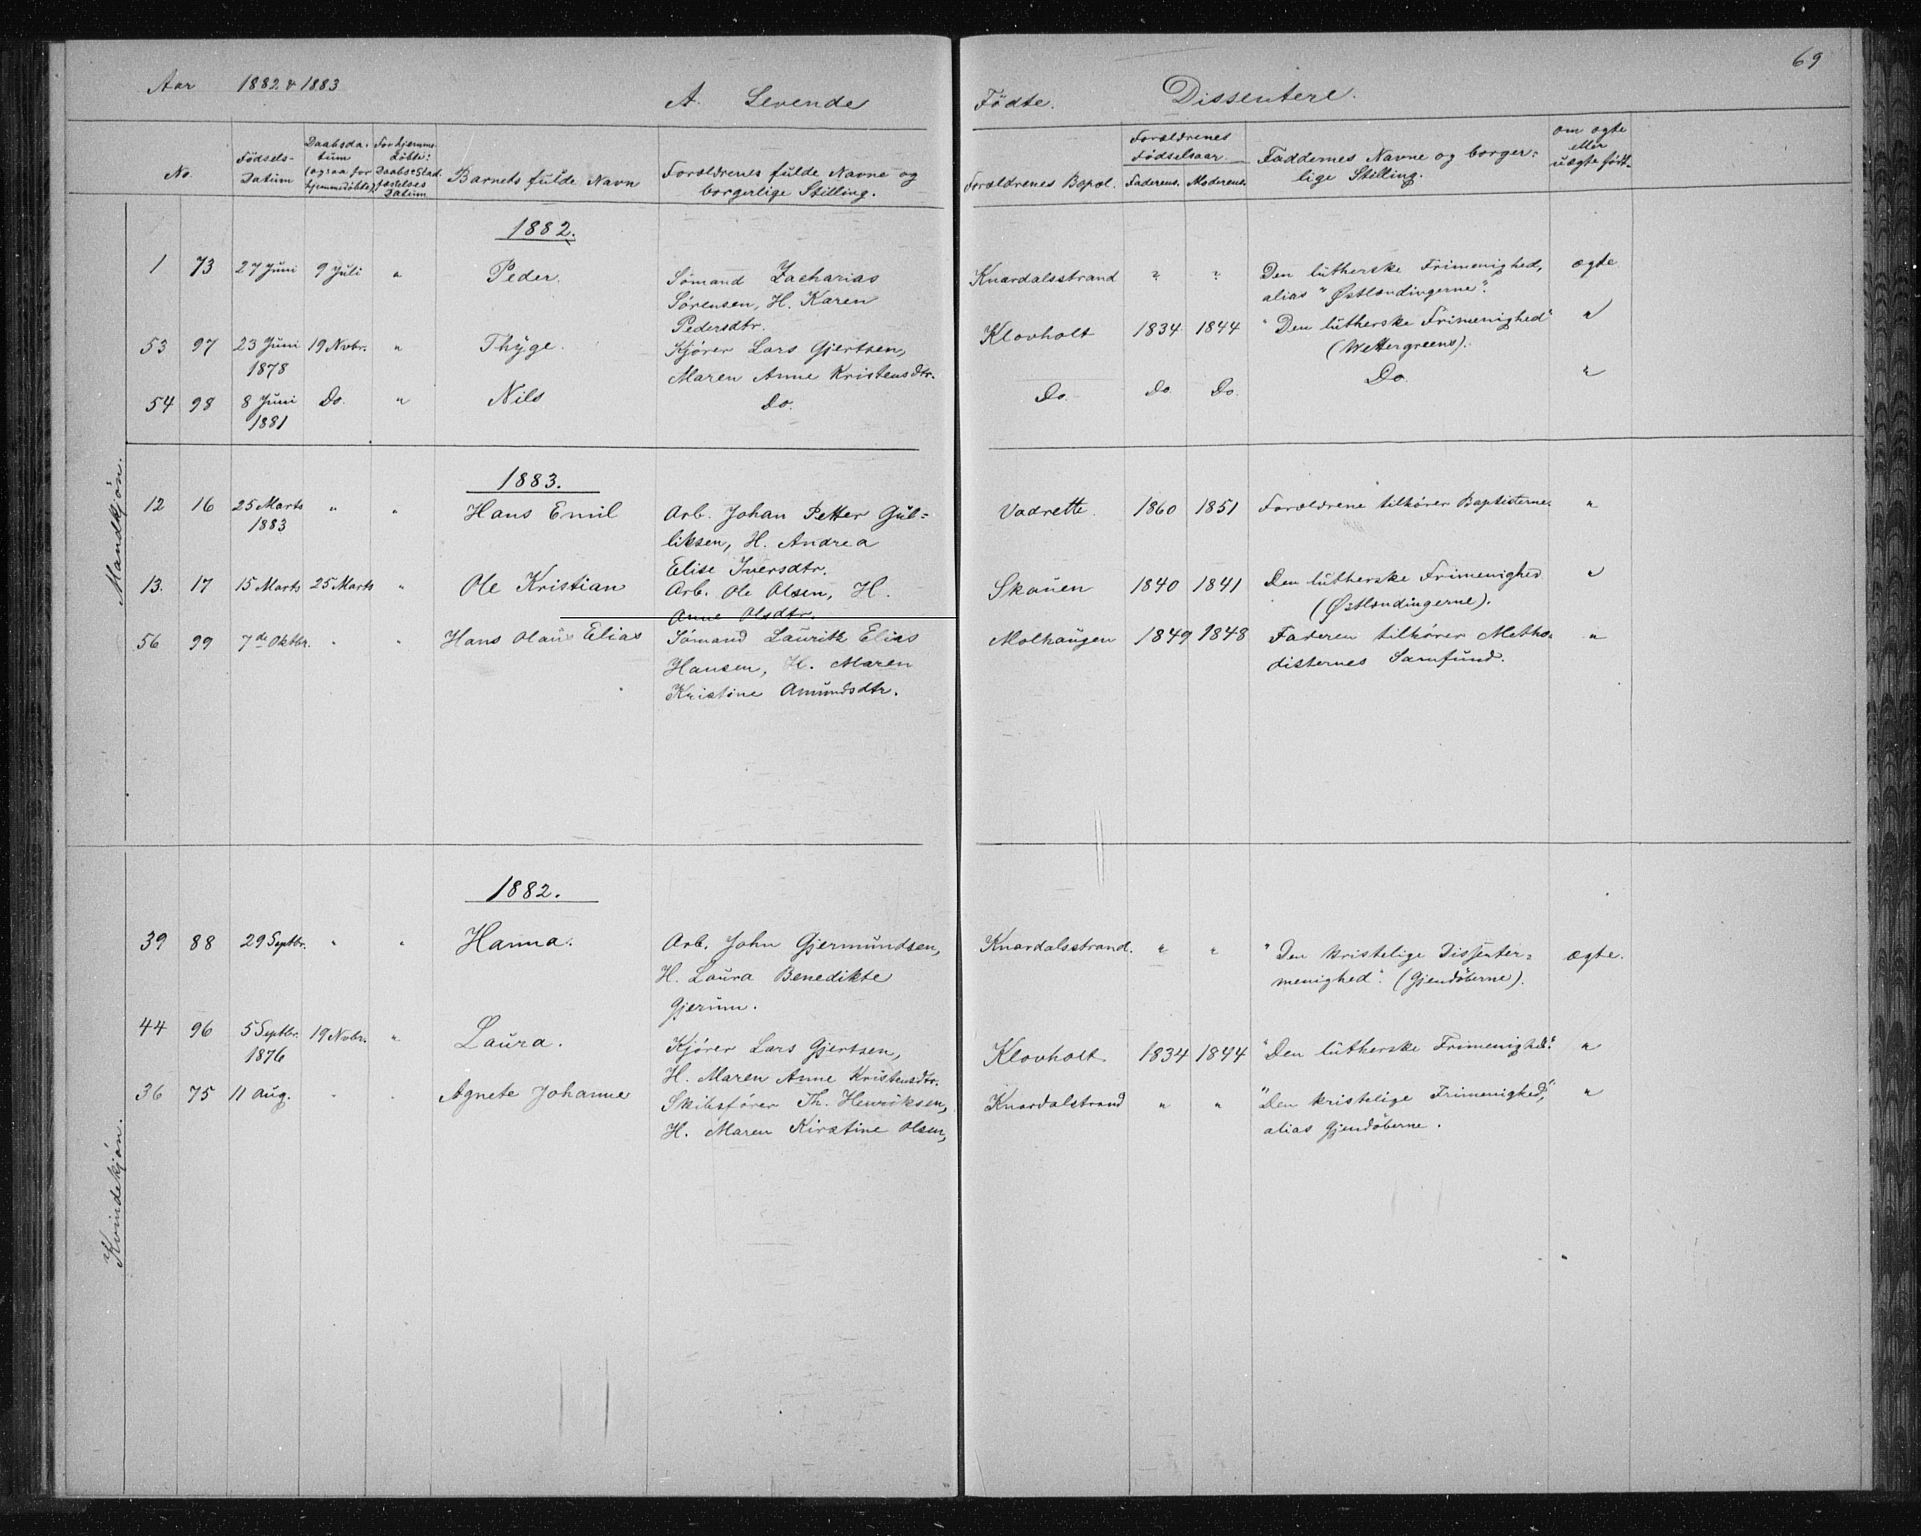 SAKO, Solum kirkebøker, G/Ga/L0006: Klokkerbok nr. I 6, 1882-1883, s. 69